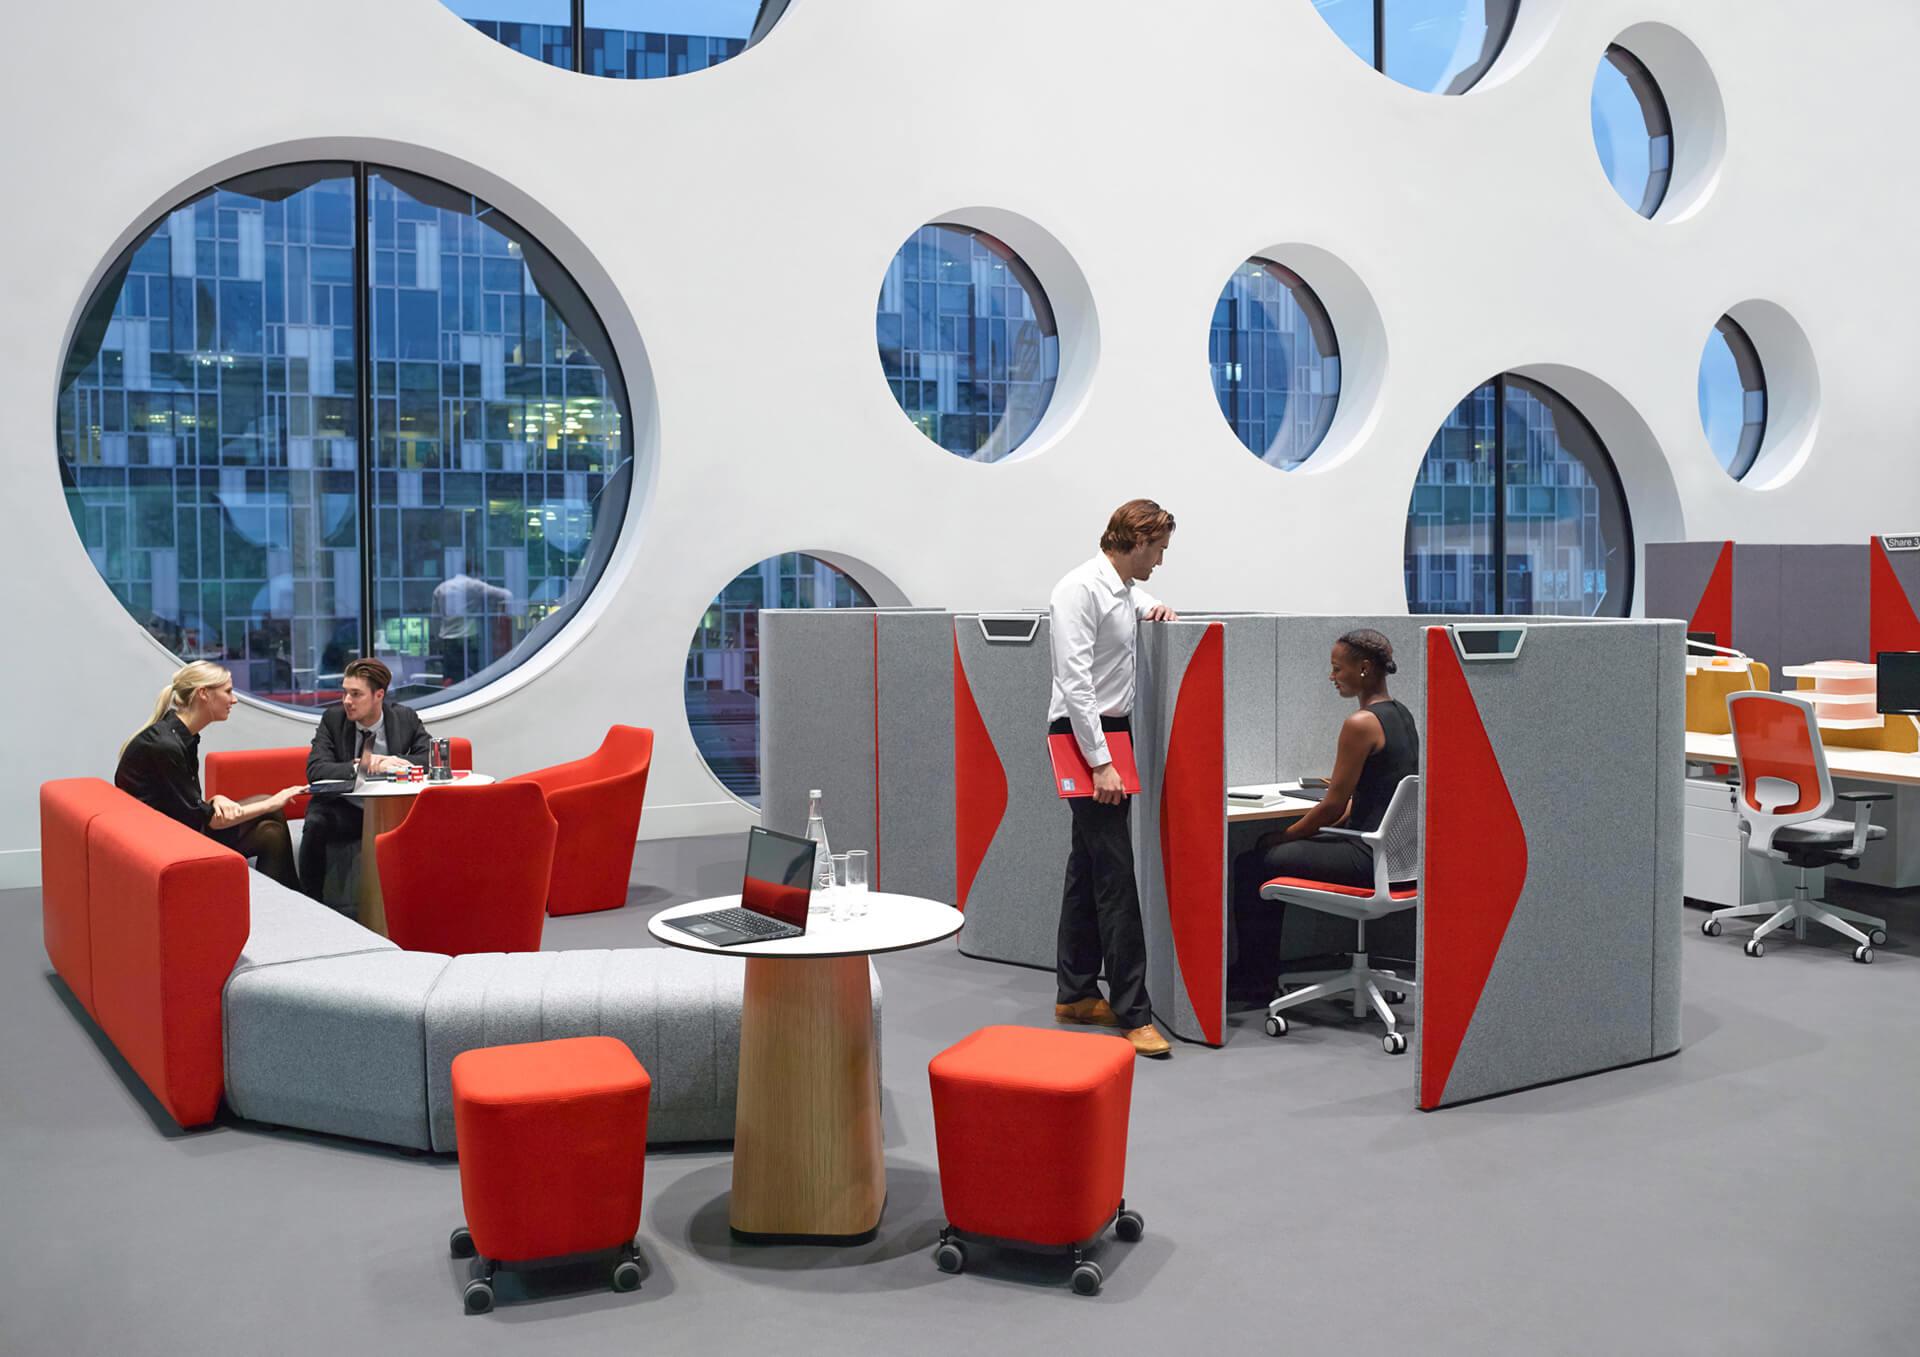 Agile Working Office Spaces Interior Design